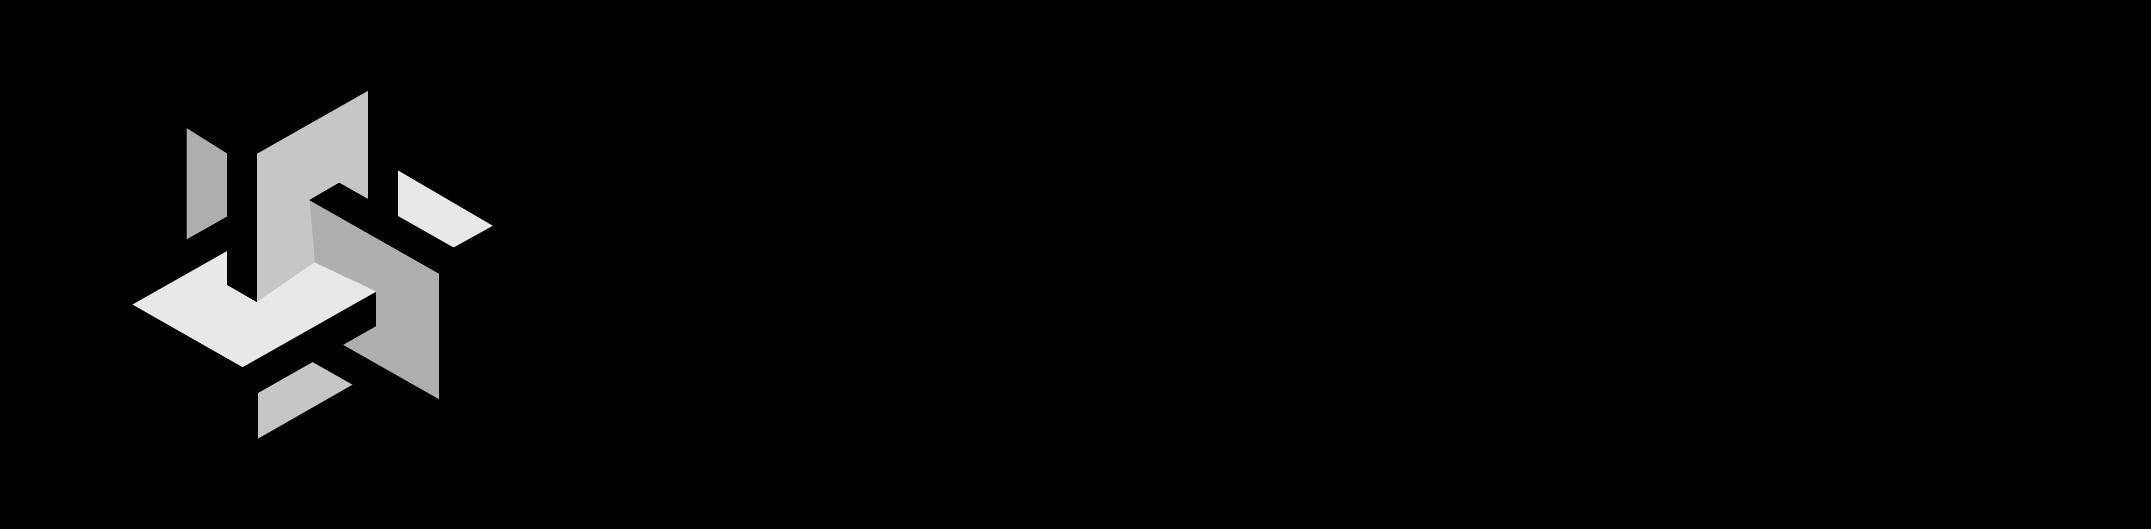 MesaLock Logo